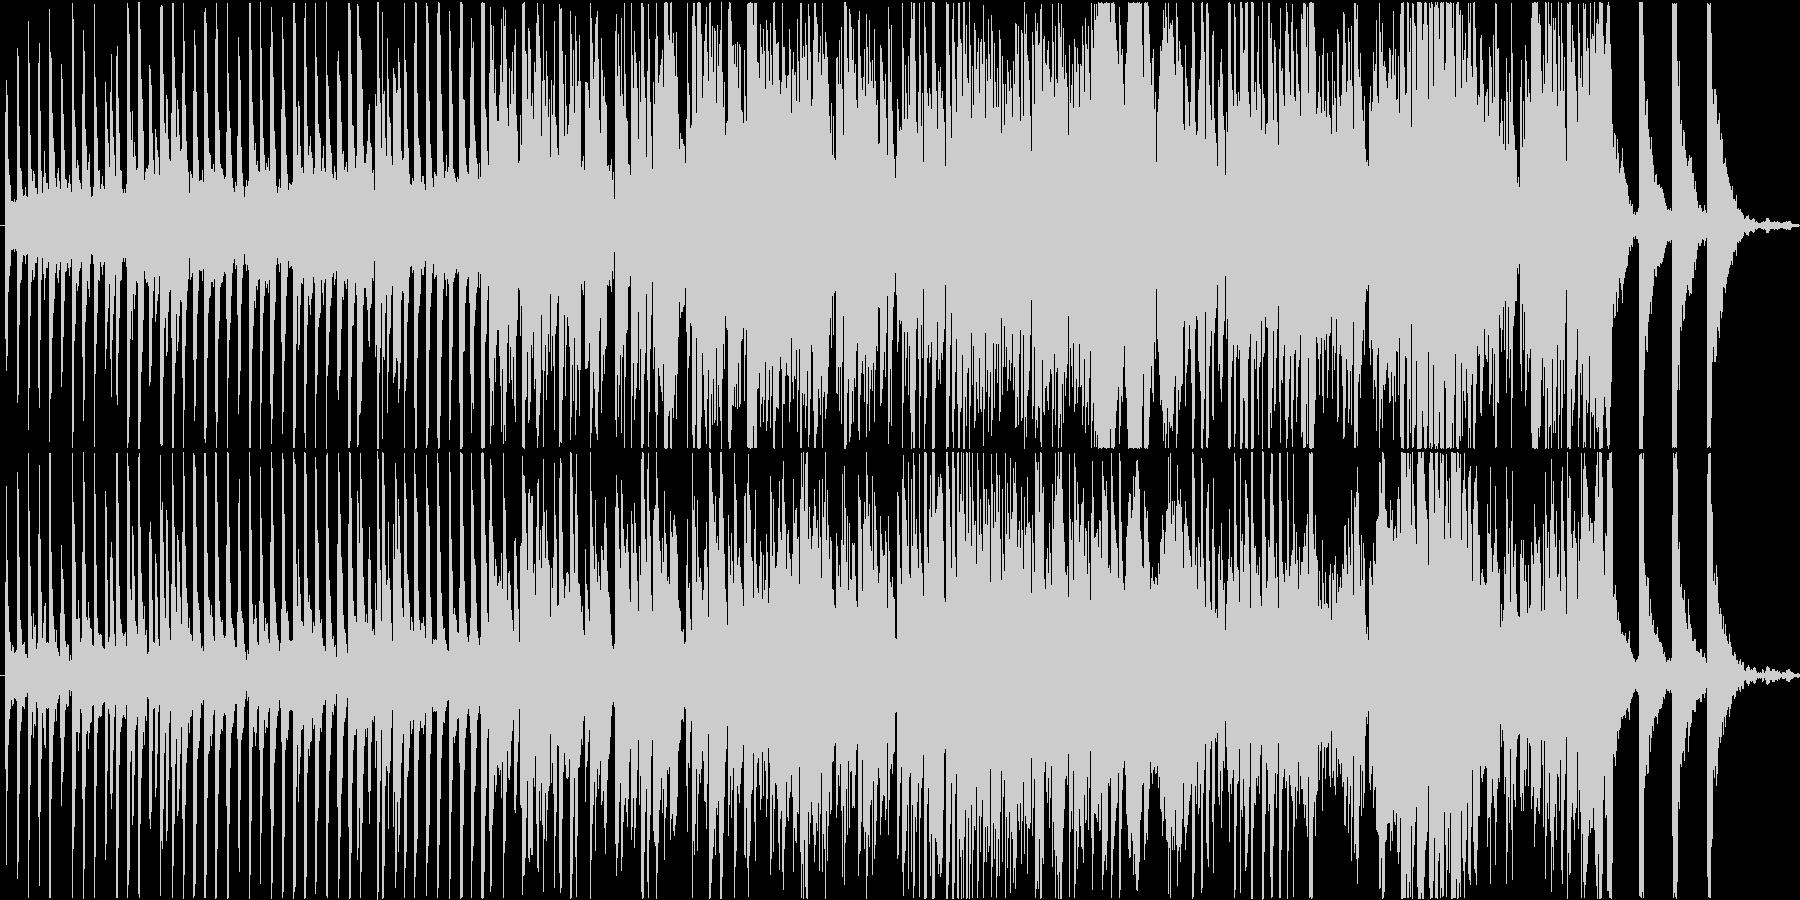 ファンタジー要素のある現代音楽ピアノ曲の未再生の波形